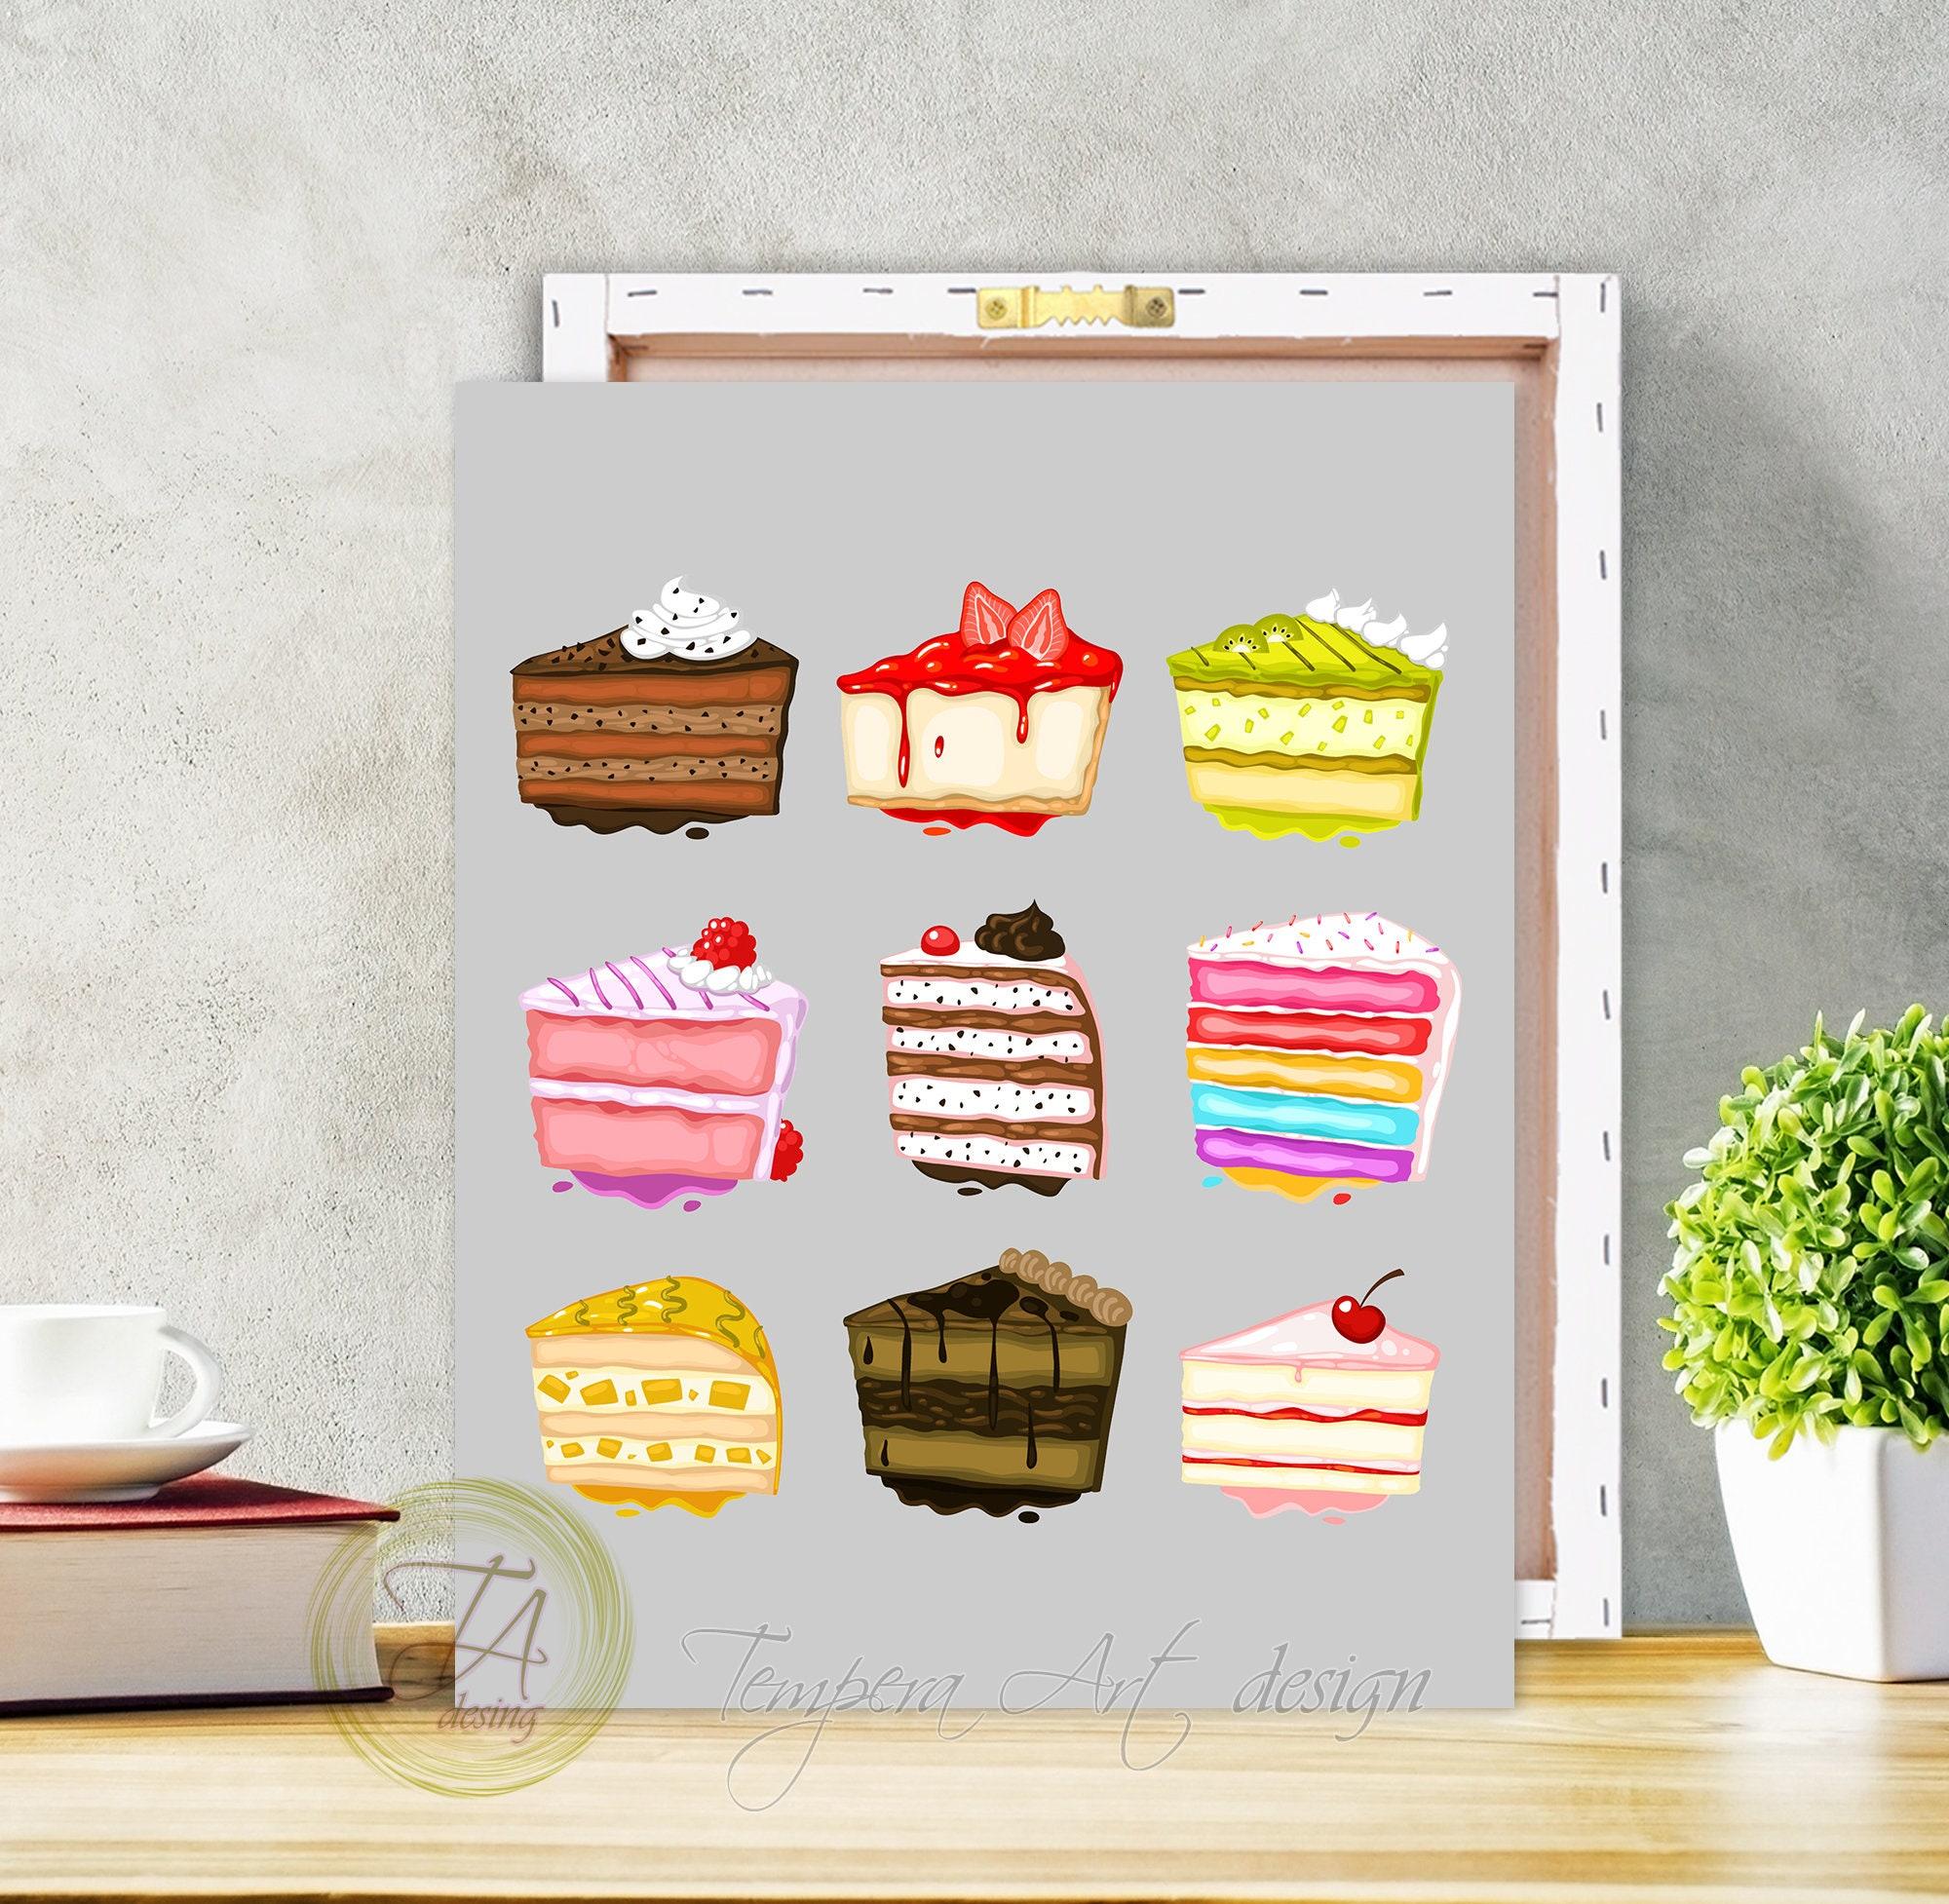 Großzügig Küchendekor Artikel Ideen - Ideen Für Die Küche Dekoration ...